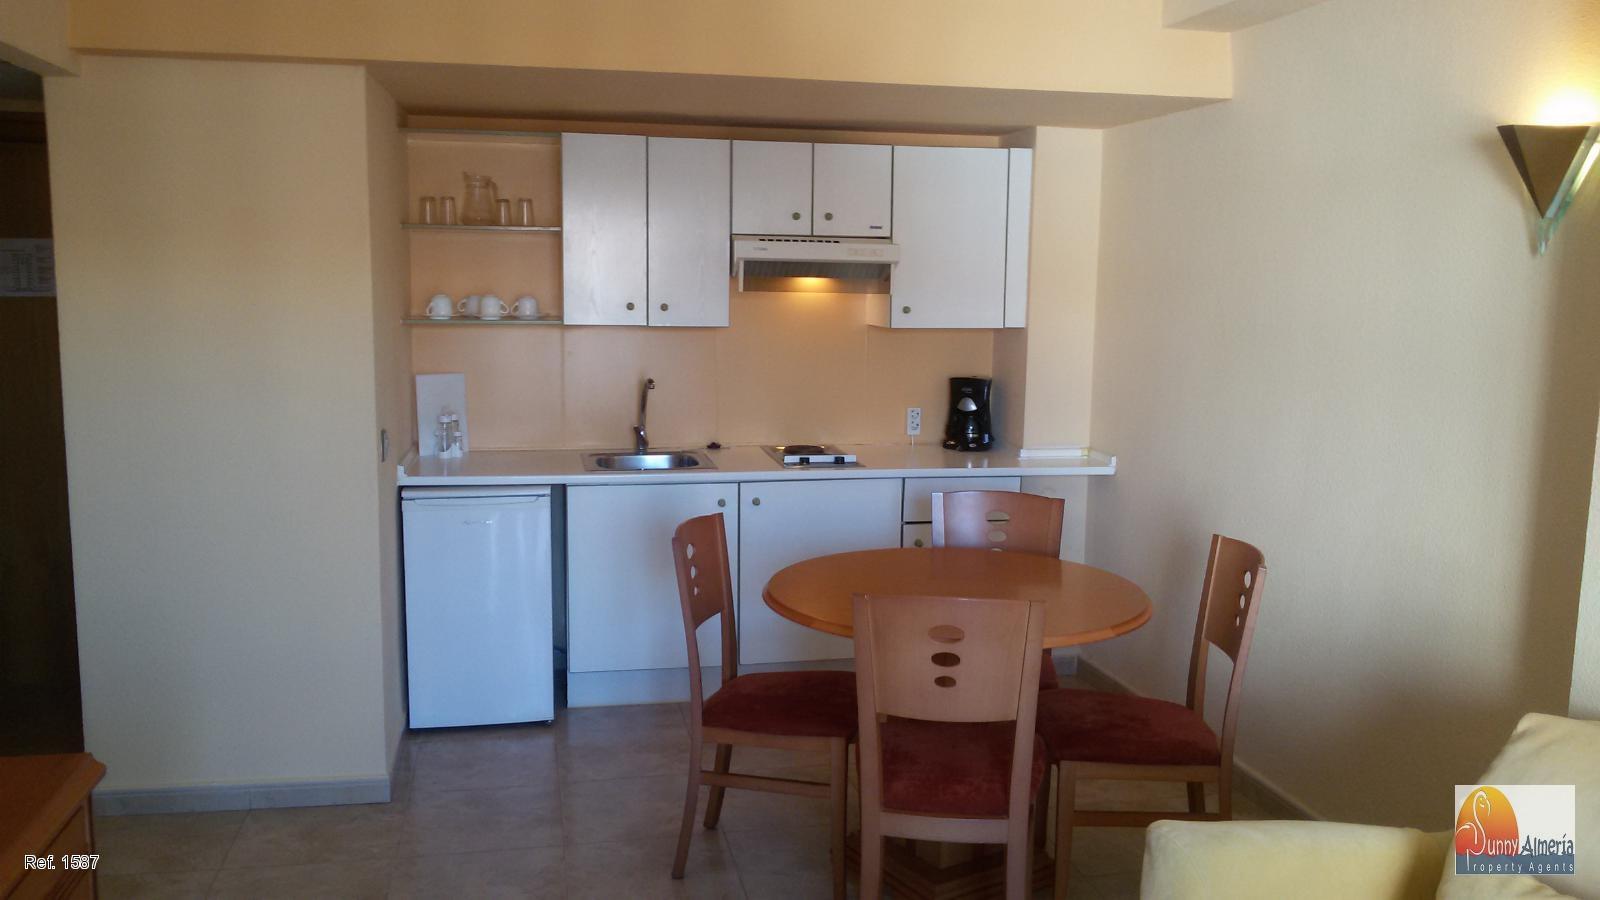 Lägenhet till salu i Playa Serena (Roquetas de Mar), 69.000